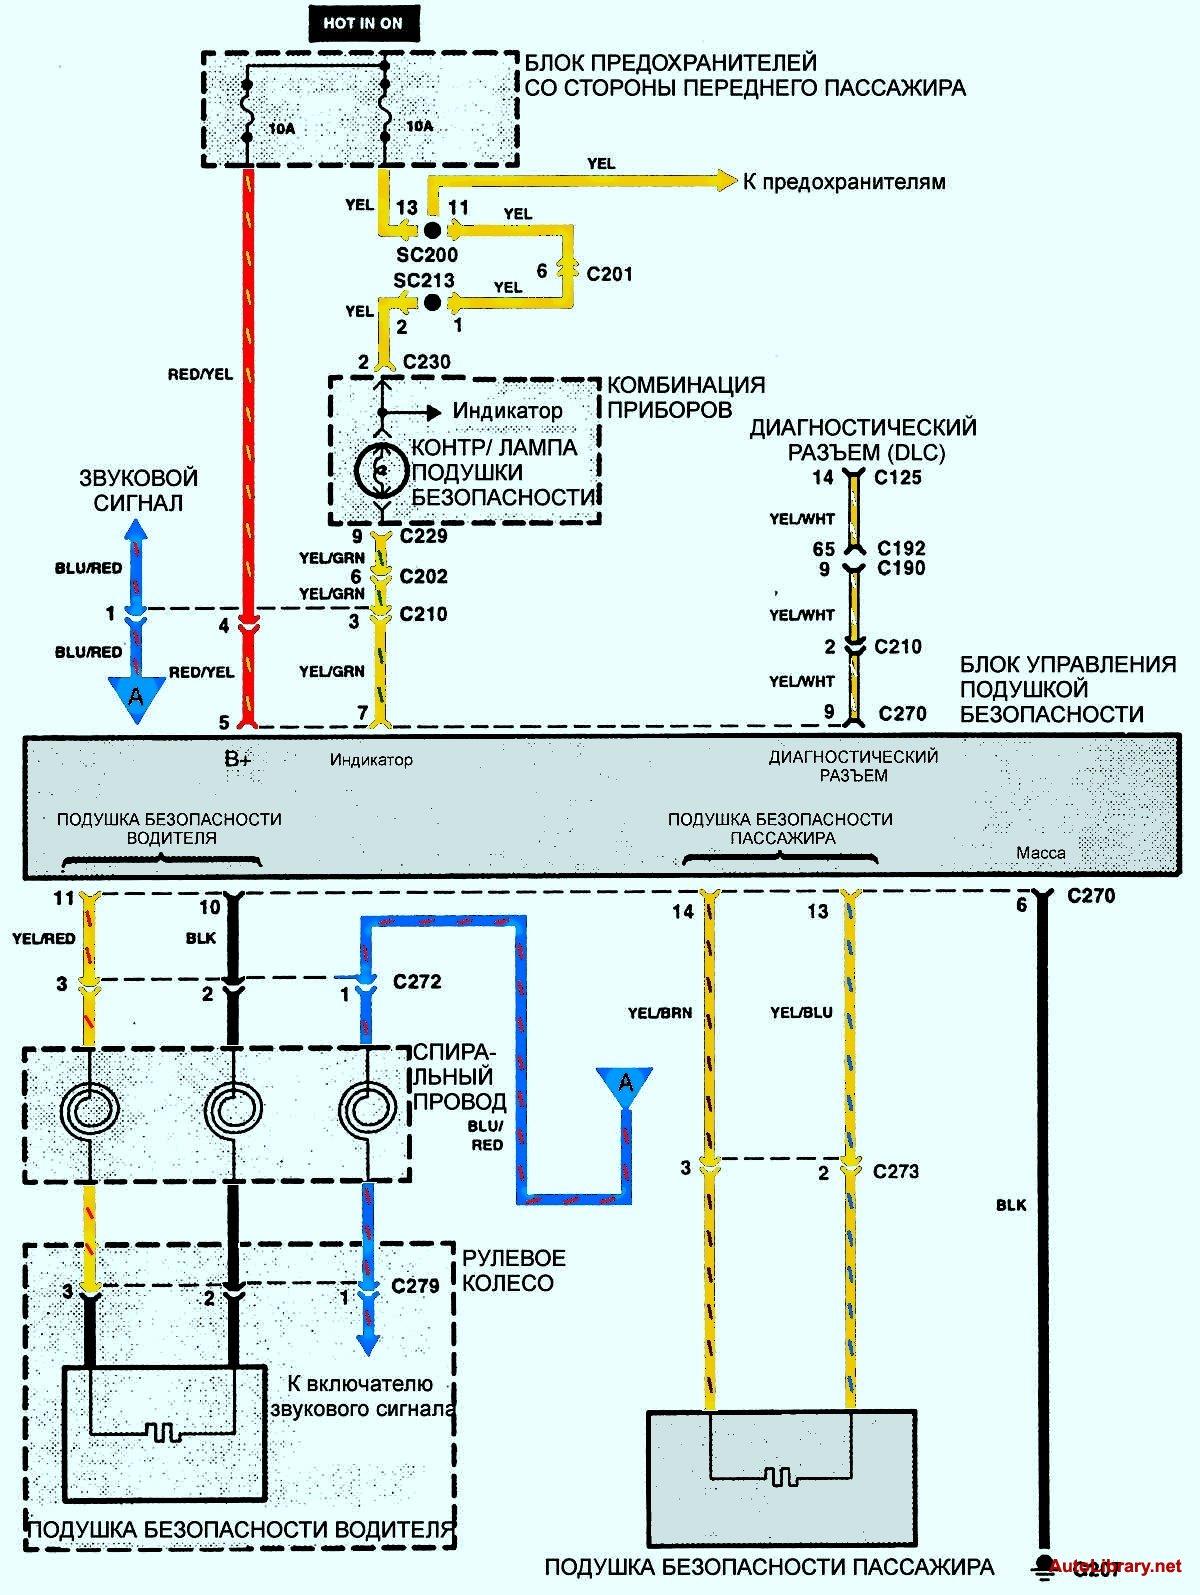 Схема звукового сигнала нью битл